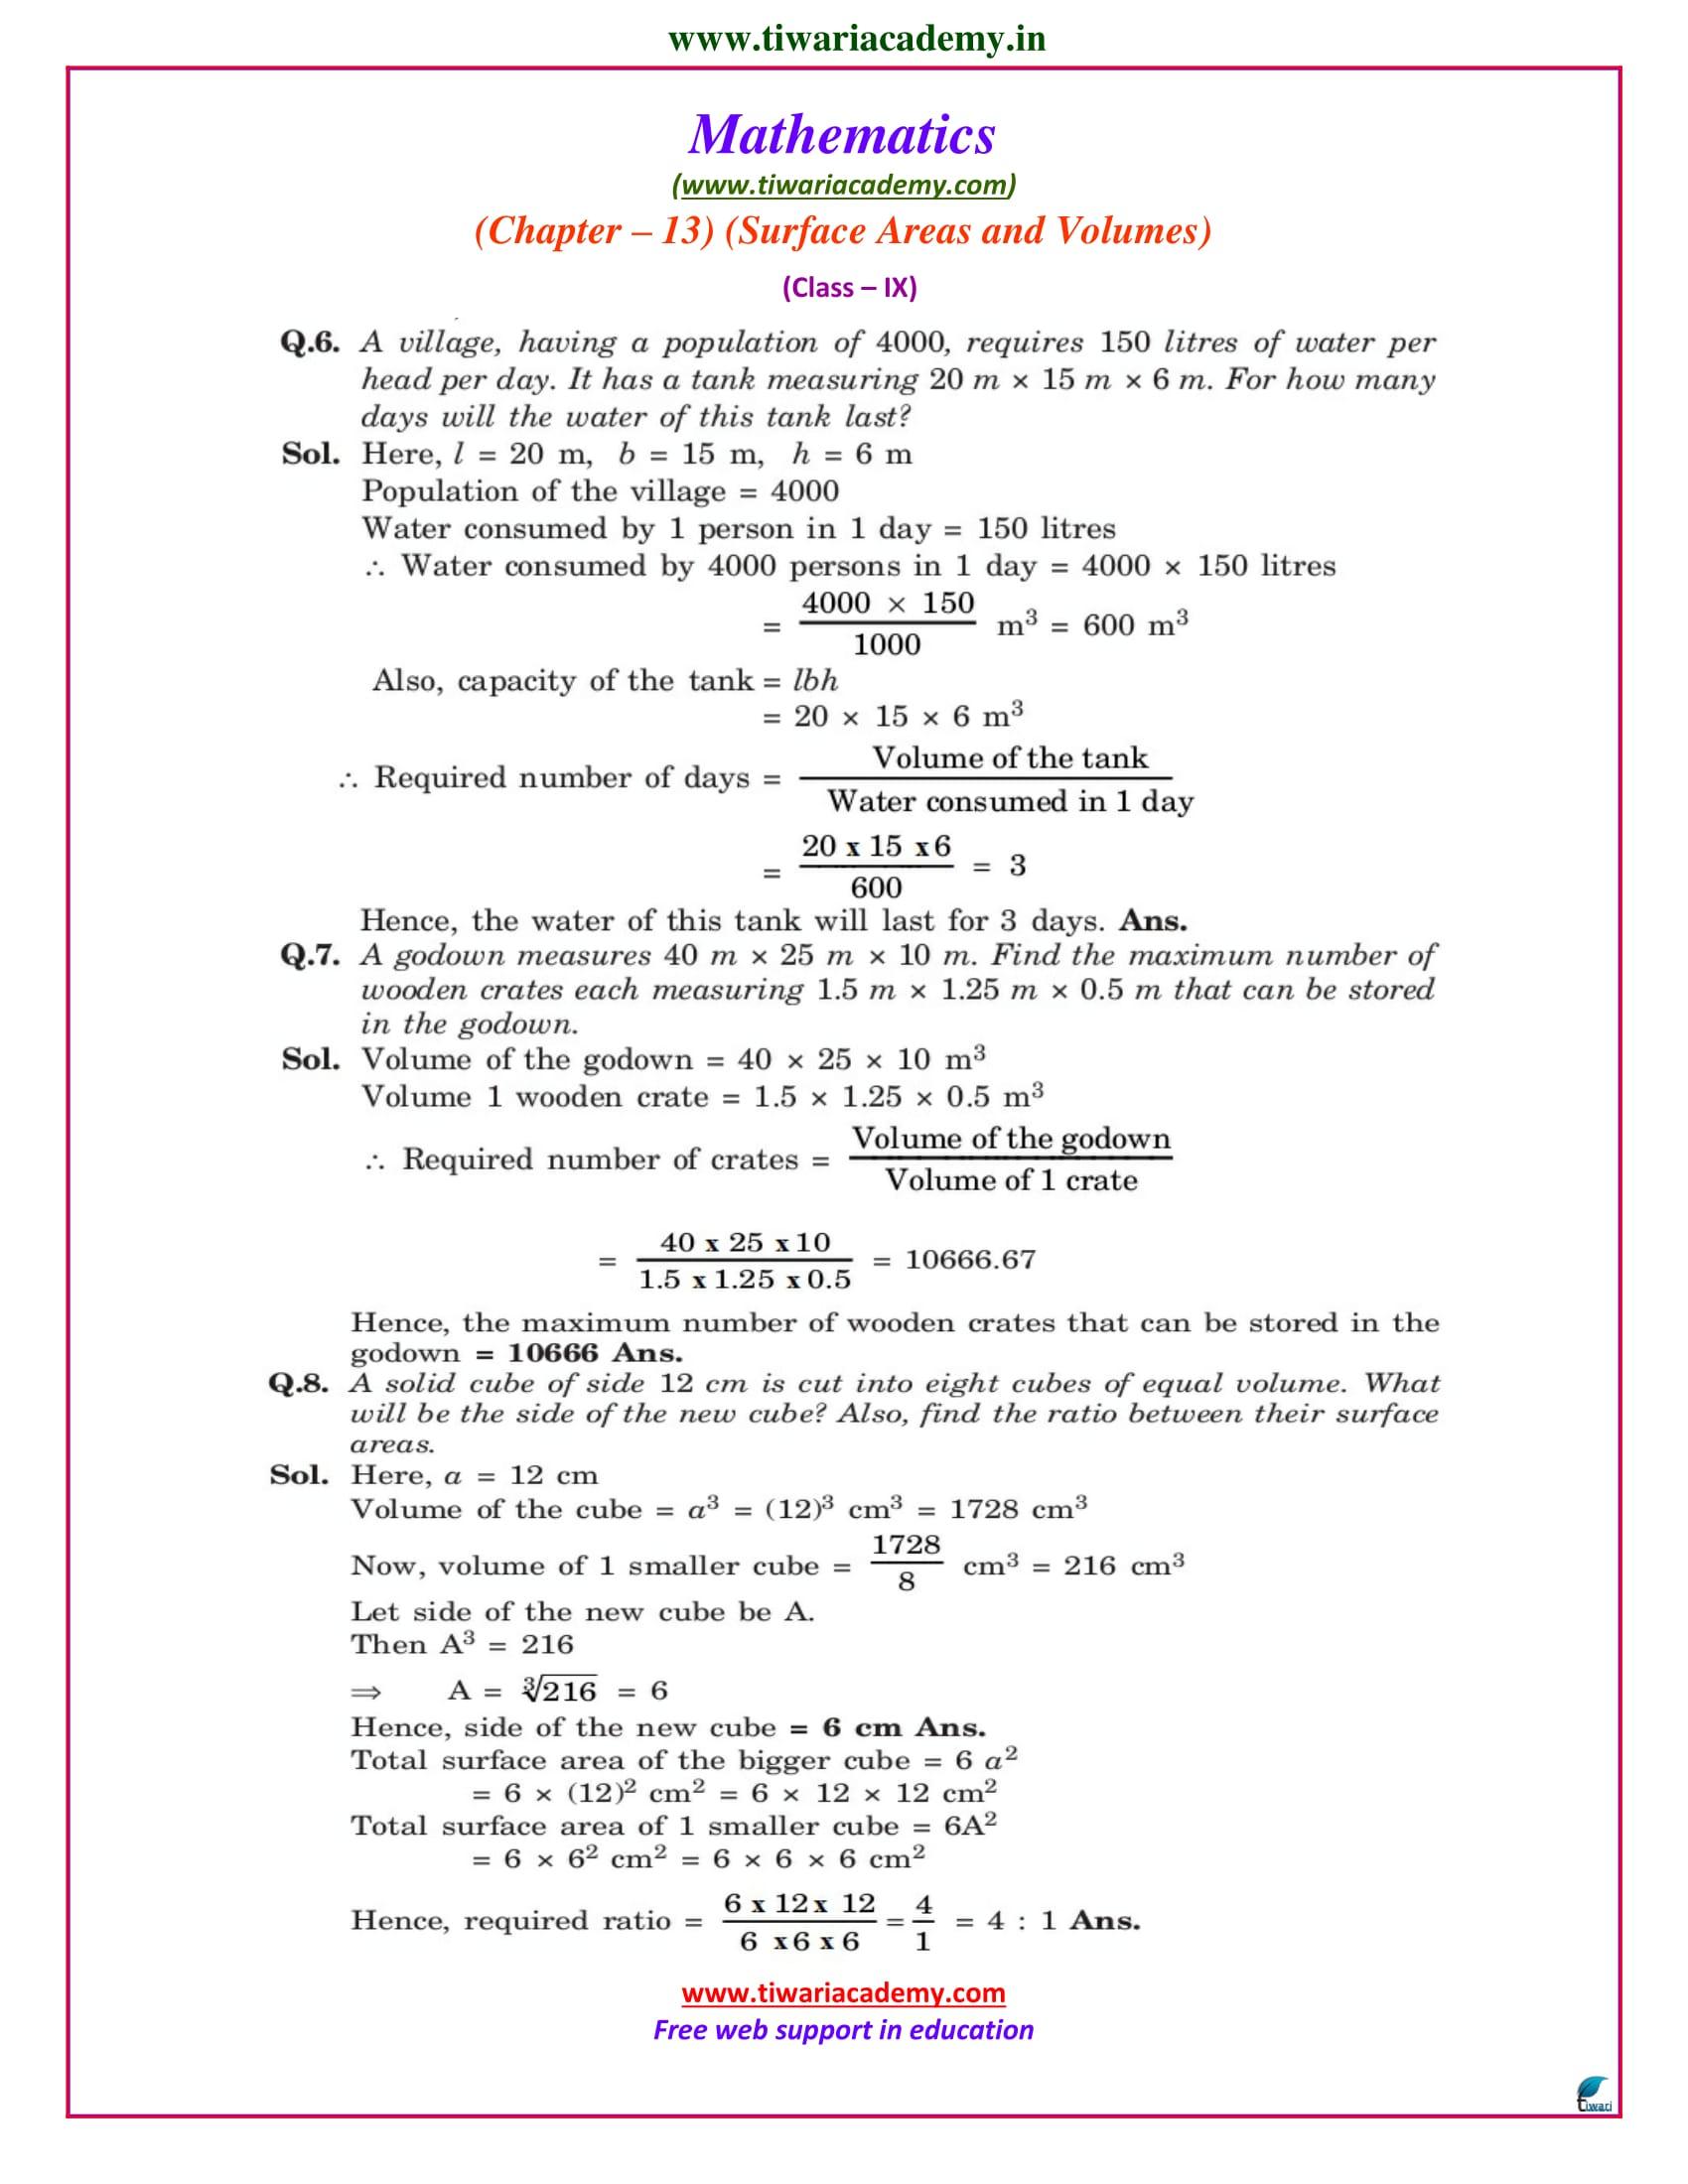 class 9 maths chapter 13.5